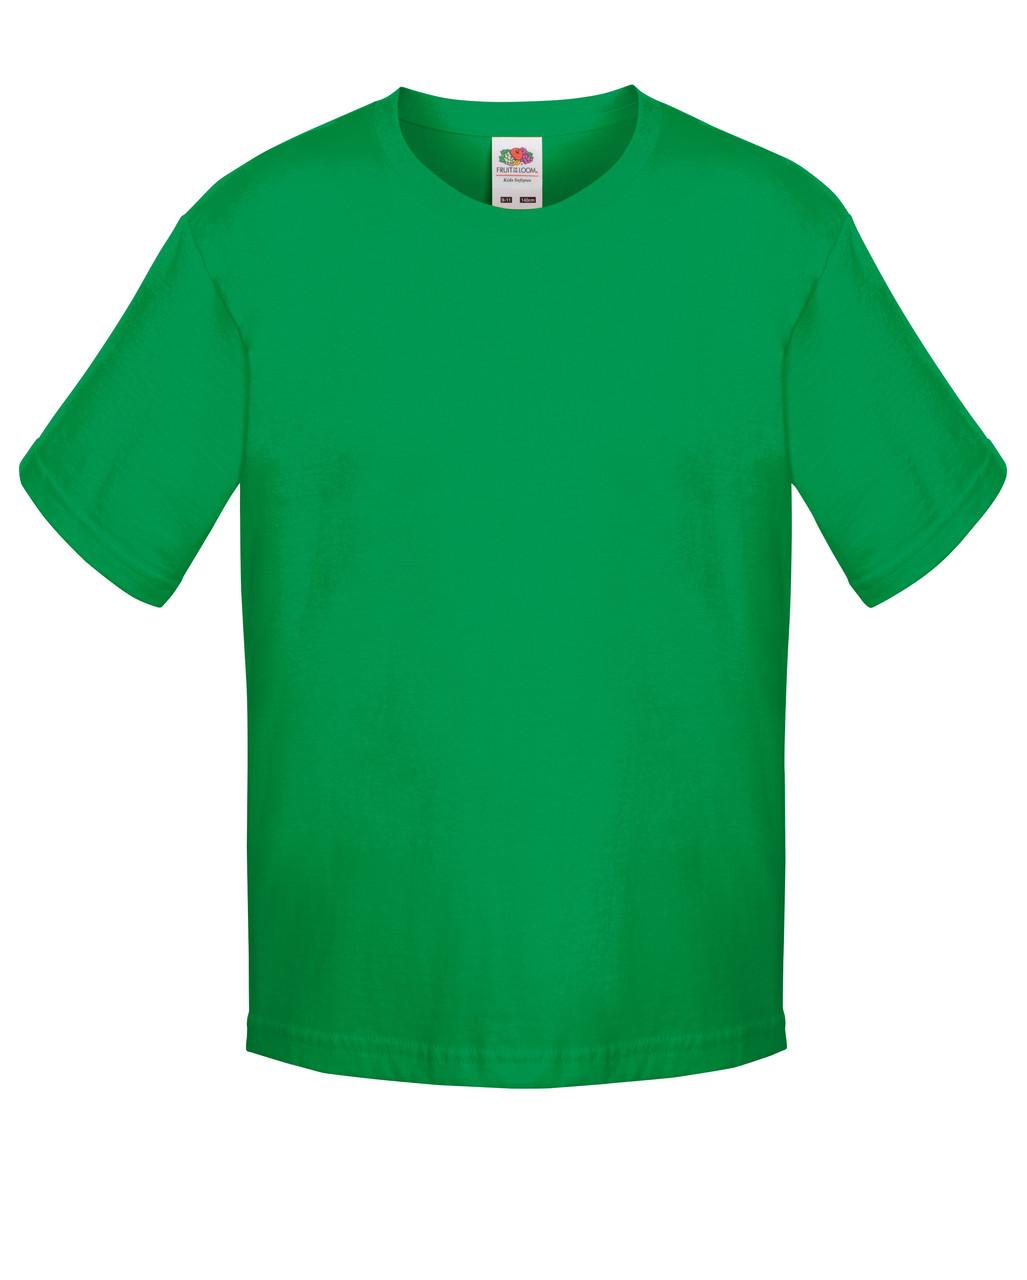 Детская футболка Мягкая для Мальчиков Ярко-зелёная Fruit of the loom 61-015-47 7-8